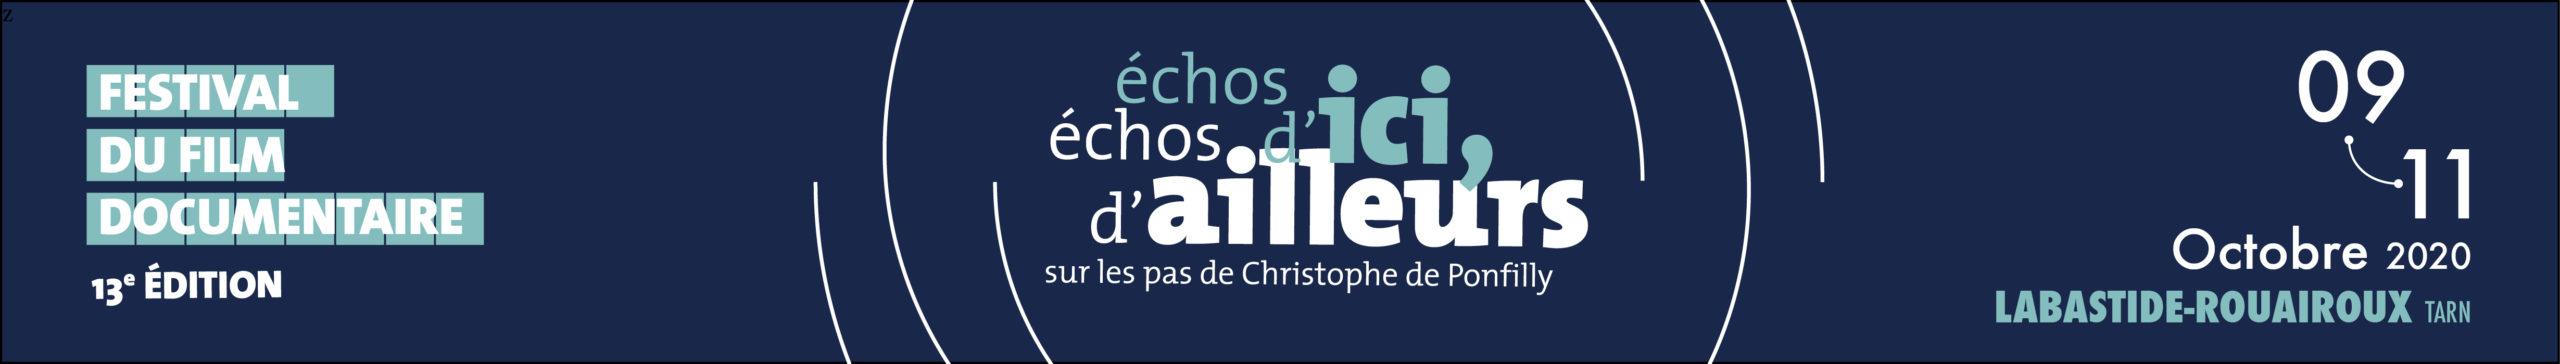 Bannière Festival du Film Documentaire Échos d'ici, Échos d'ailleurs, sur les pas de Christophe de Ponfilly